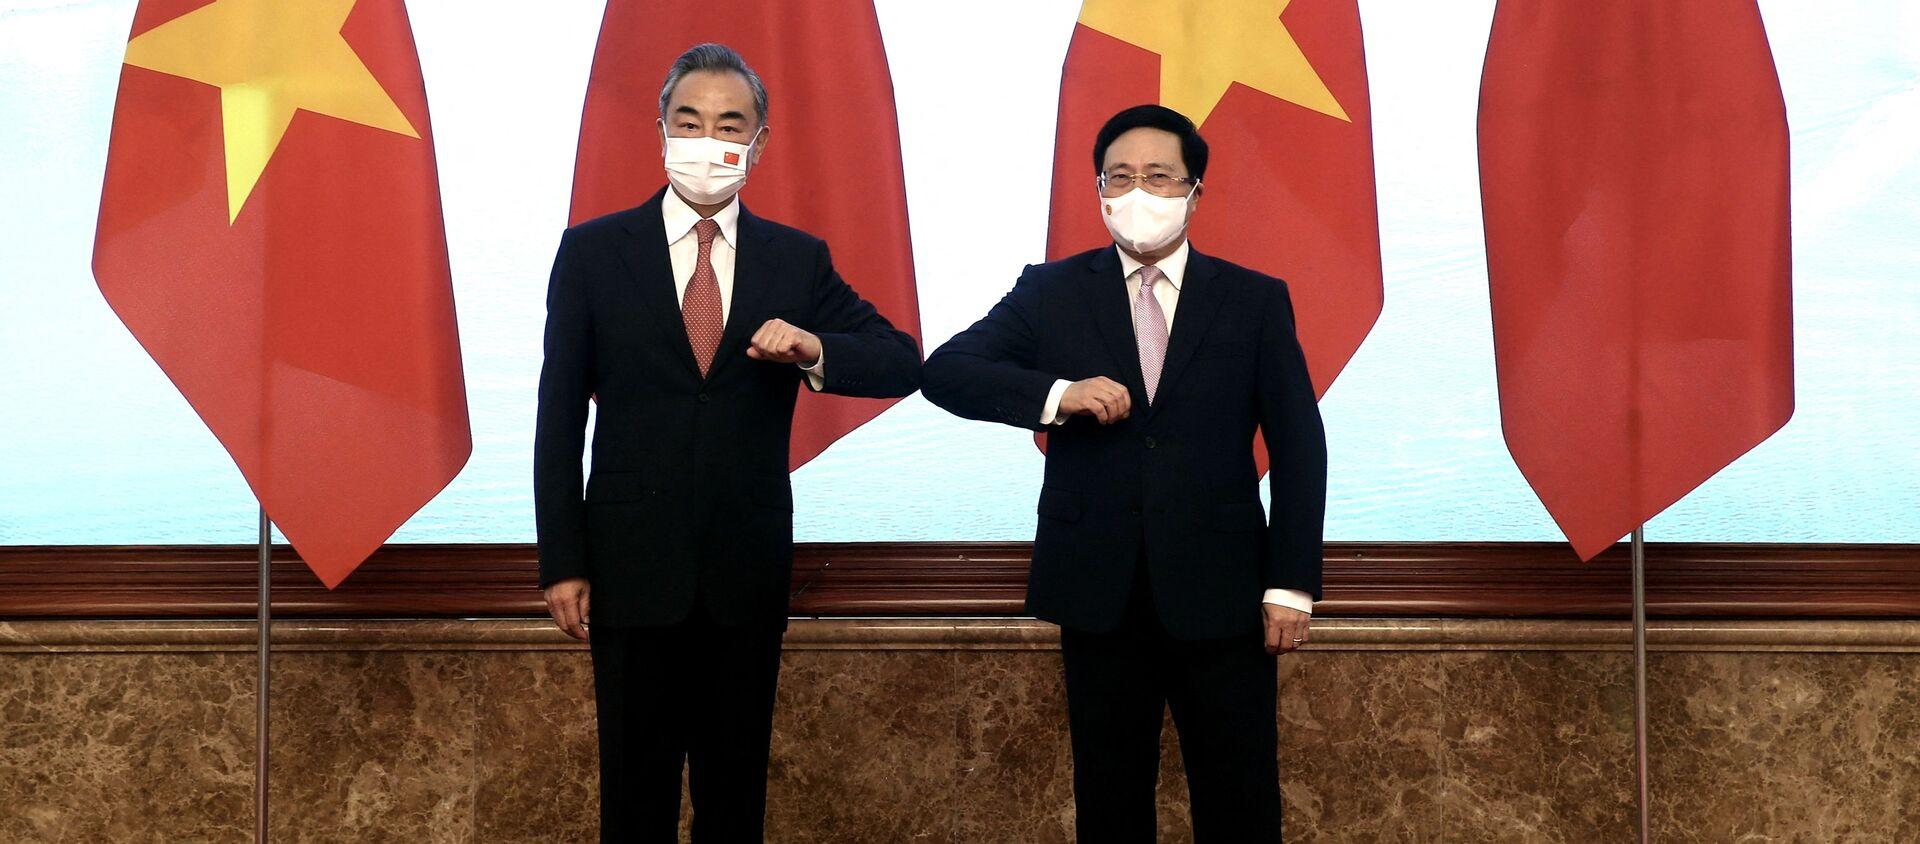 Phó Thủ tướng Chính phủ Phạm Bình Minh và Bộ trưởng Ngoại giao Trung Quốc Vương Nghị trong cuộc gặp tại Hà Nội, Việt Nam - Sputnik Việt Nam, 1920, 14.09.2021